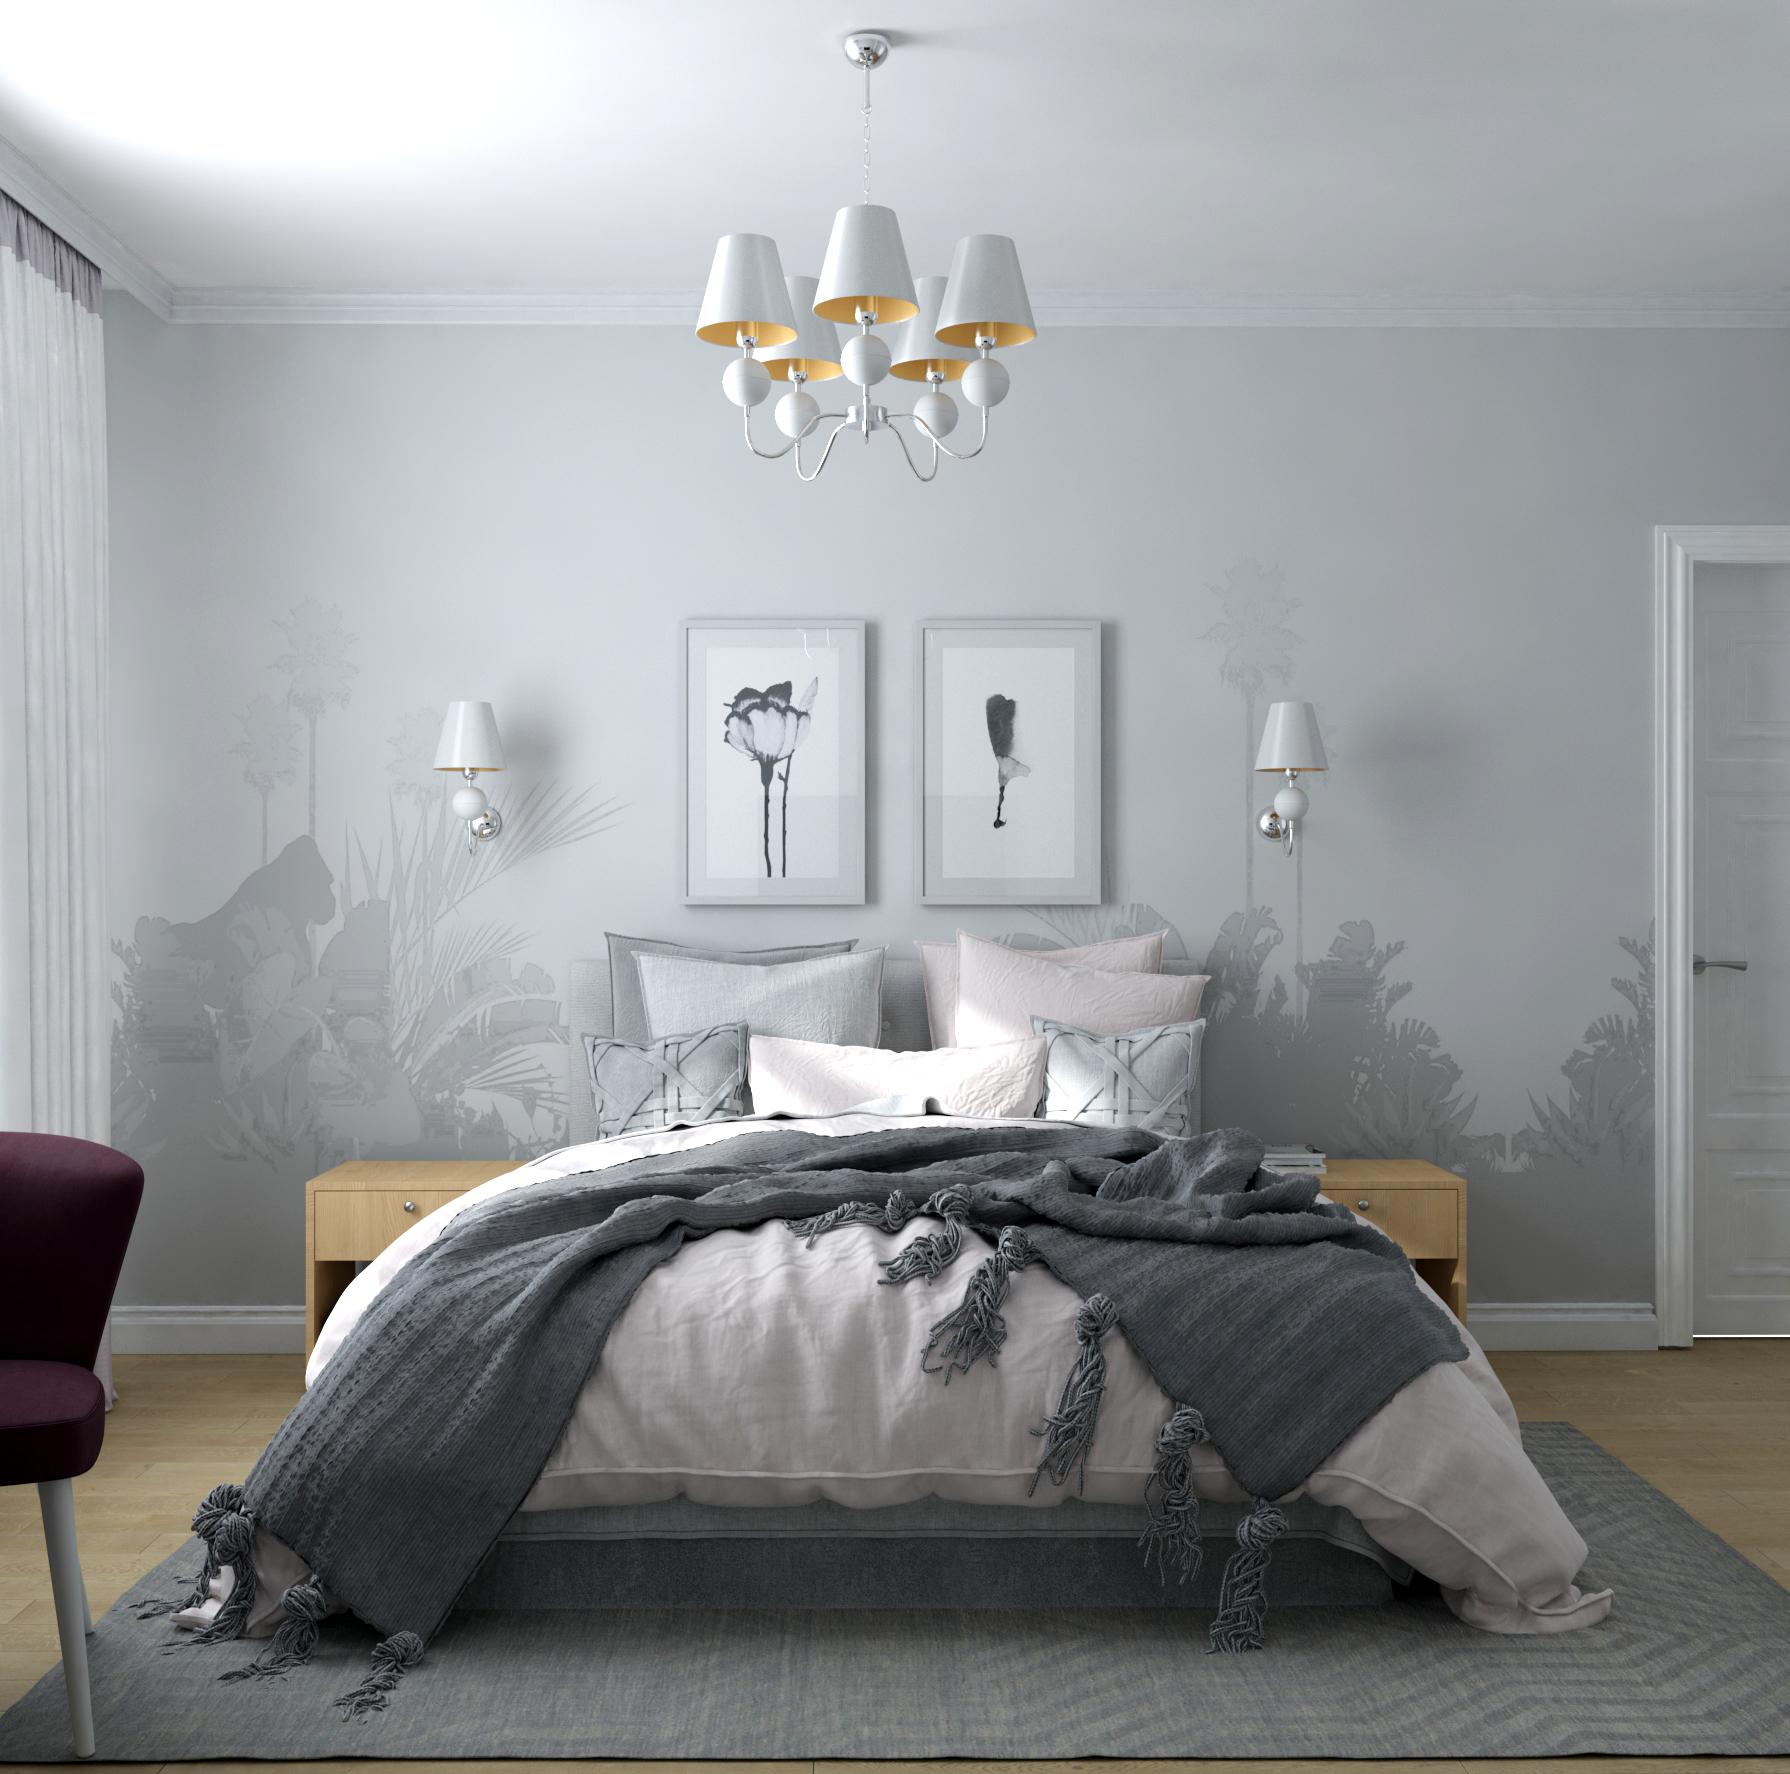 Картинка интерьера спальни с фотообоями